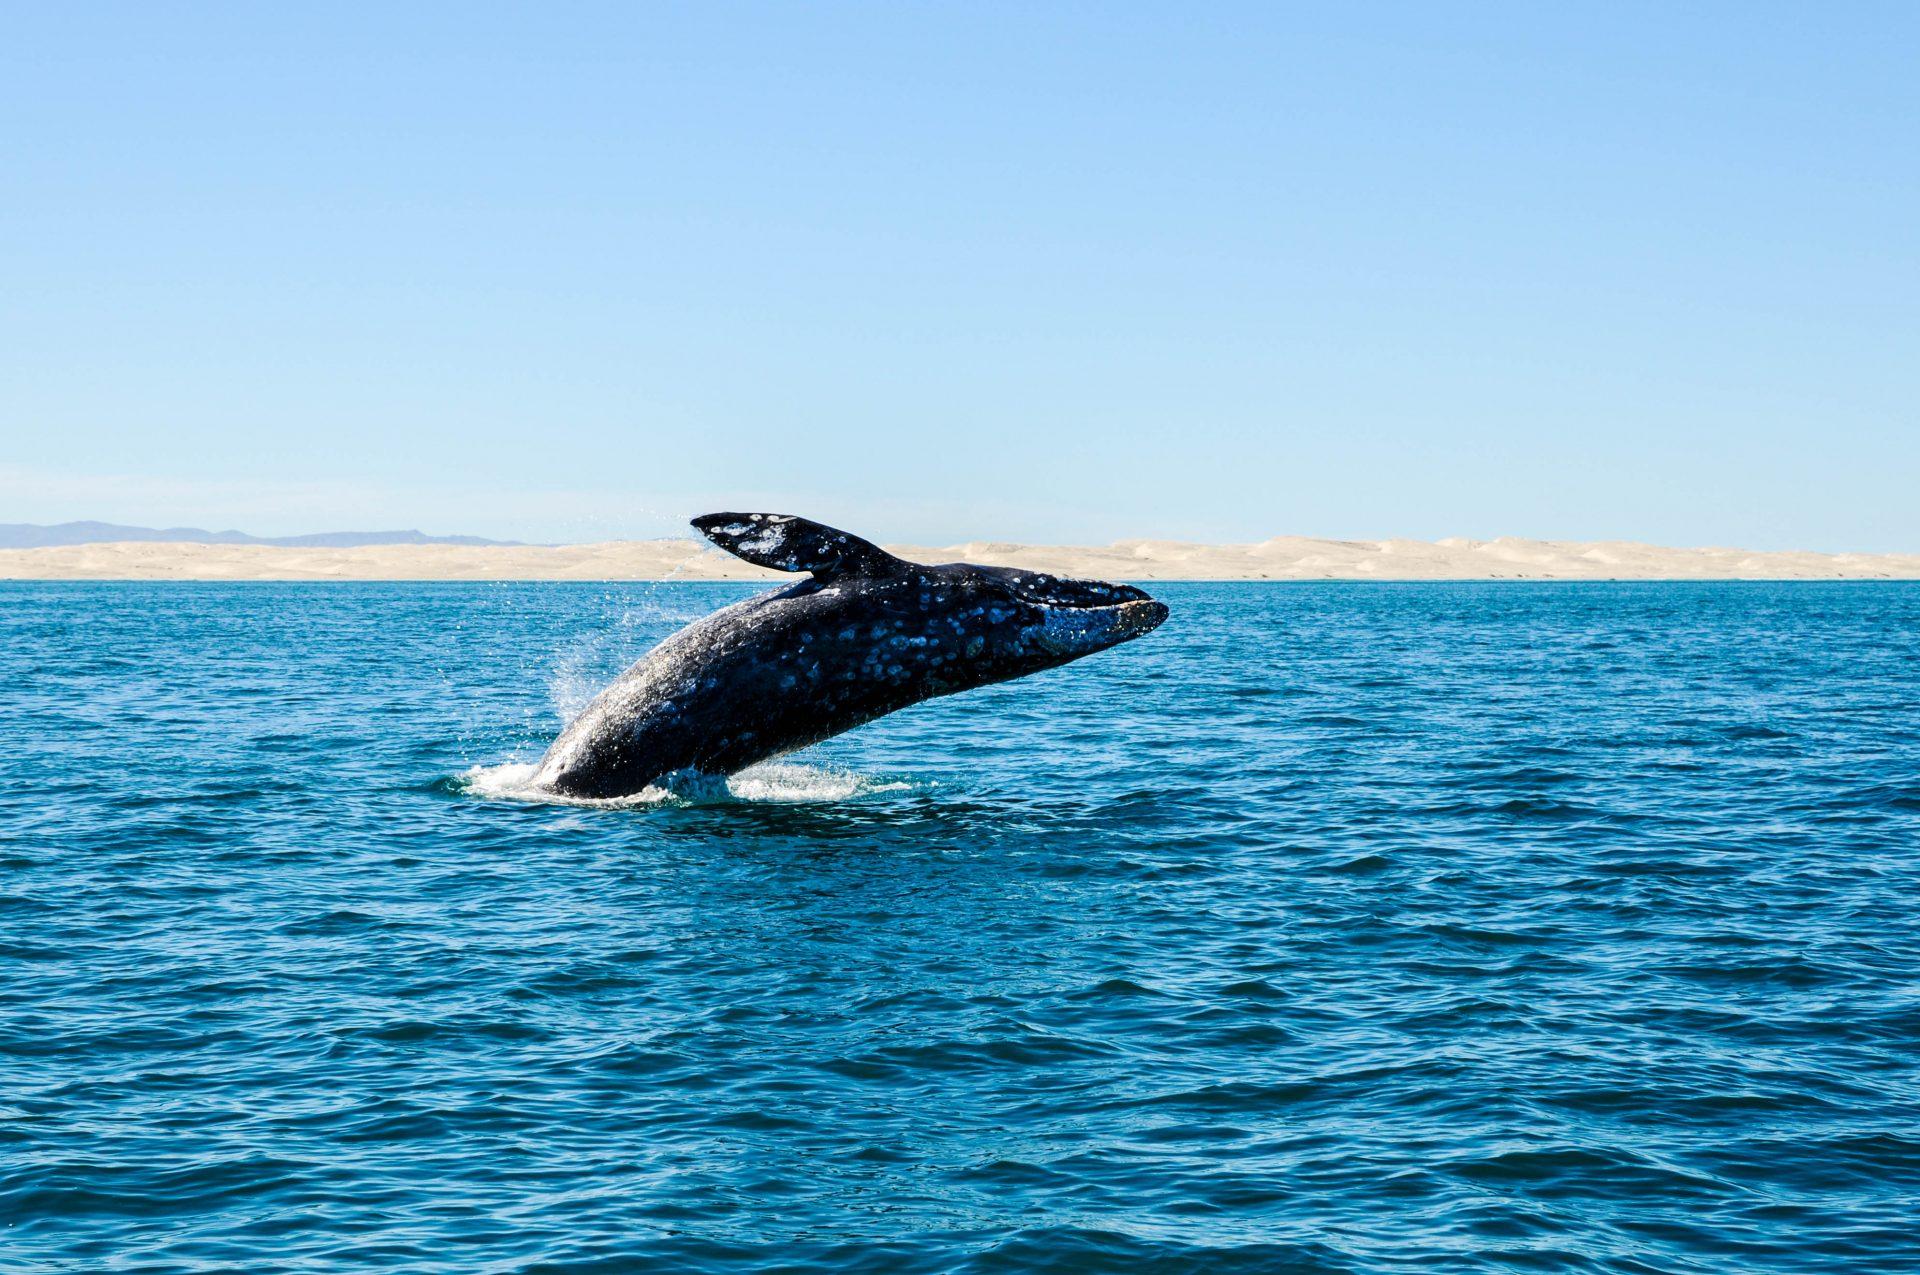 Mit etwas Glück seht ihr beim Whale Watching ein Tier aus dem Wasser springen